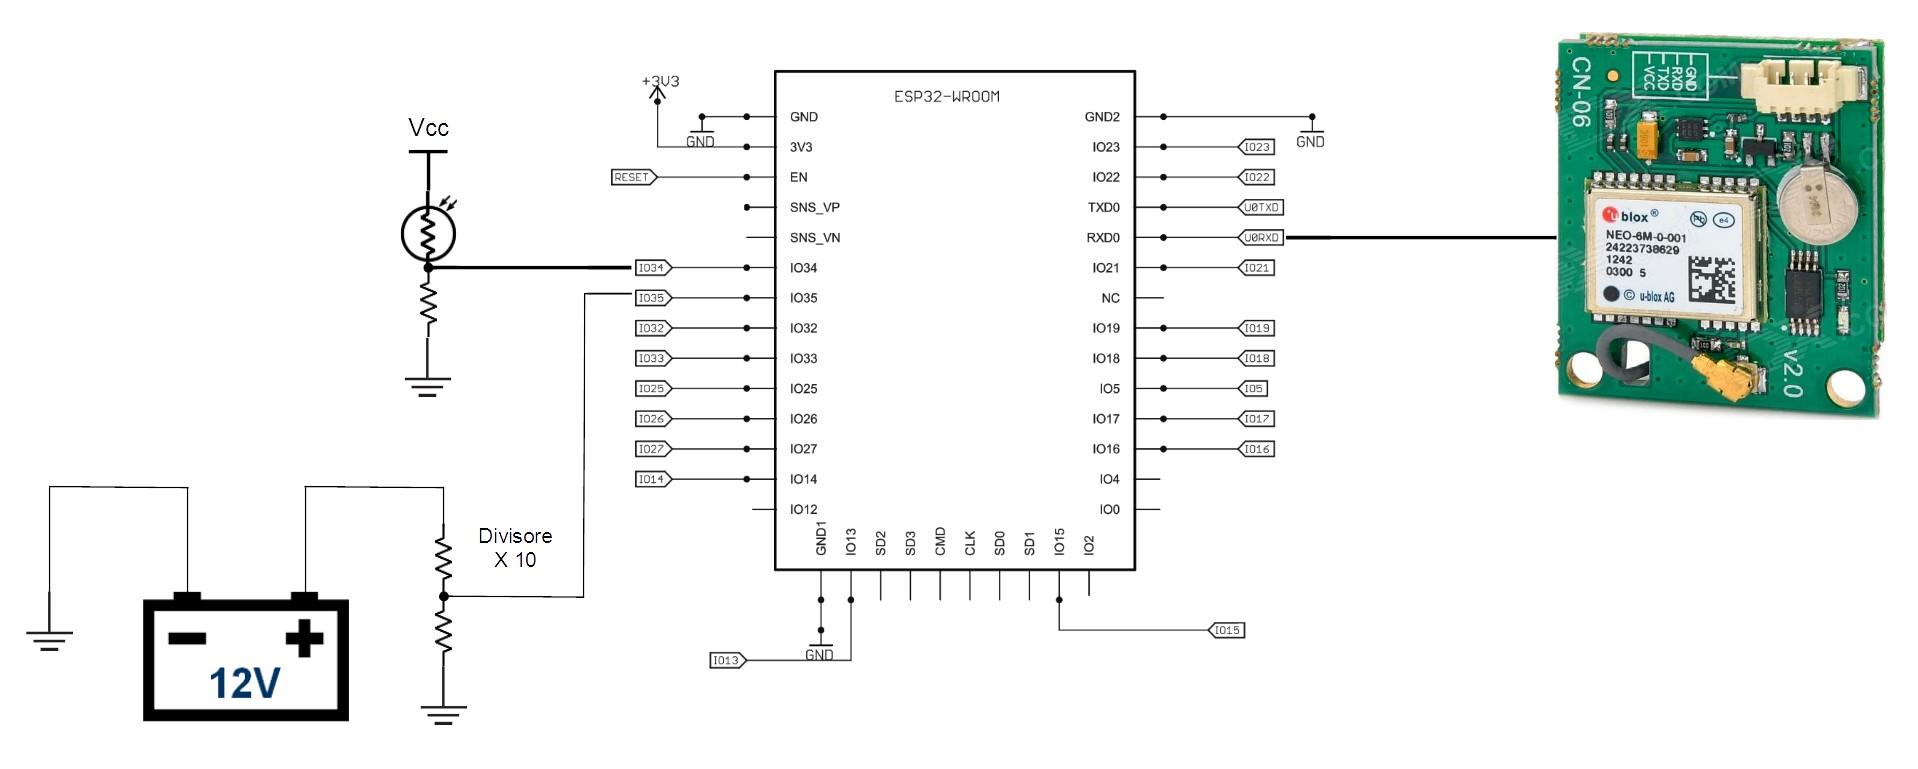 Figura 2: Schema elettrico della scatola nera.